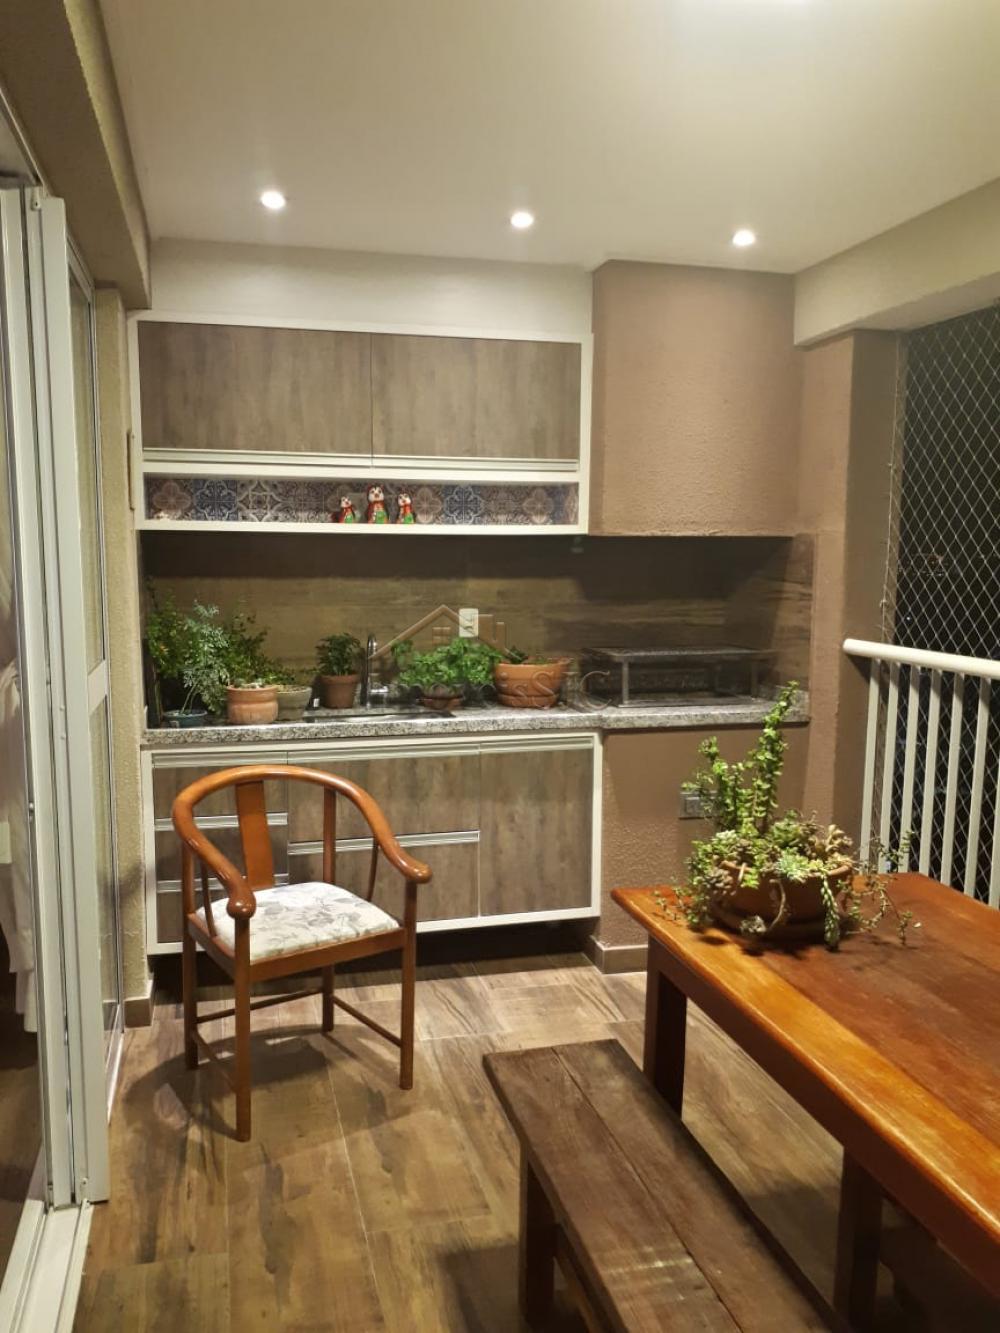 Comprar Apartamentos / Padrão em São José dos Campos apenas R$ 590.000,00 - Foto 9